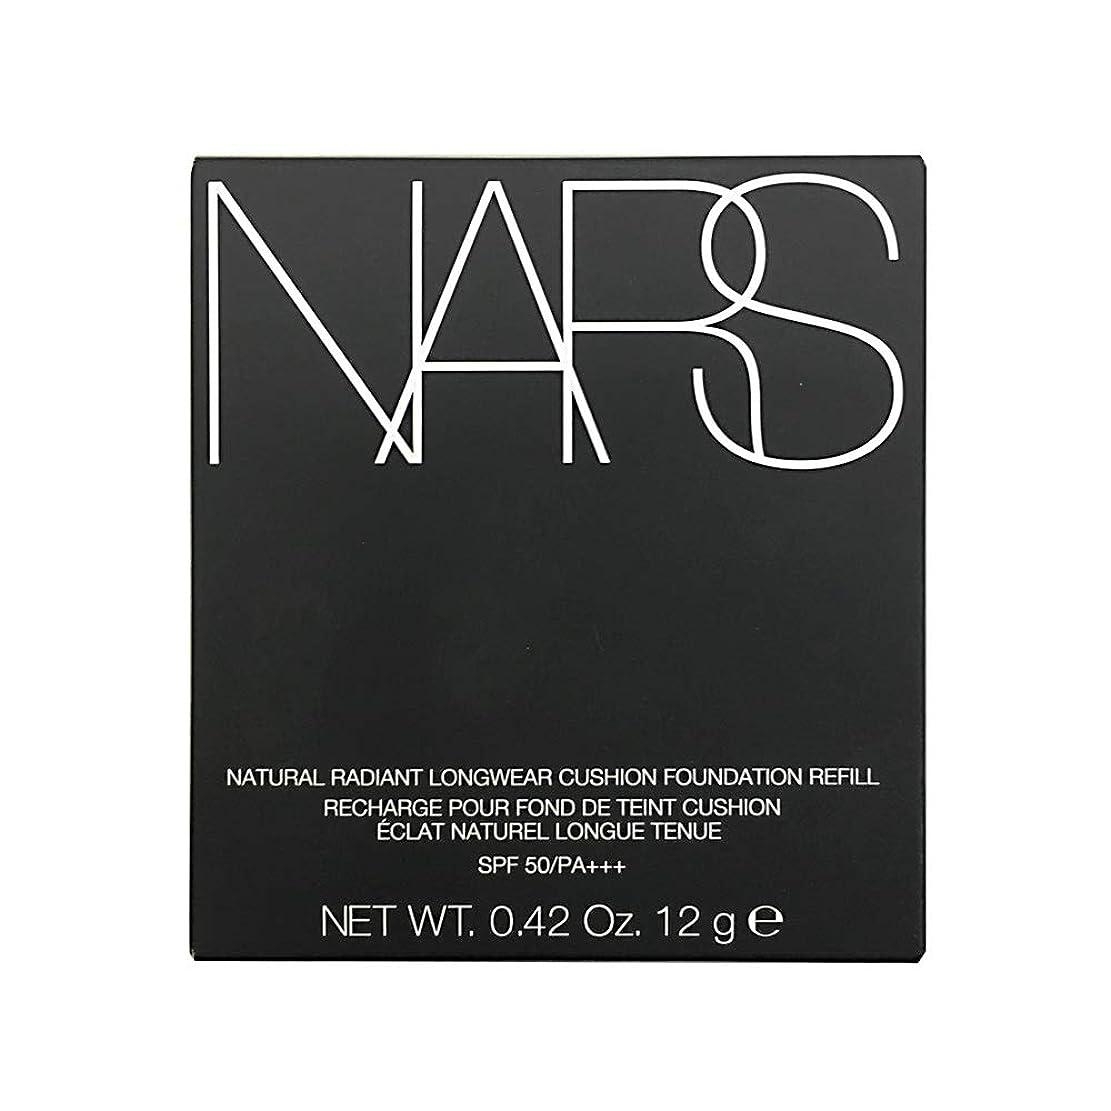 正気骨髄件名ナーズ/NARS ナチュラルラディアント ロングウェア クッションファンデーション(レフィル)#5879 [ クッションファンデ ] [並行輸入品]